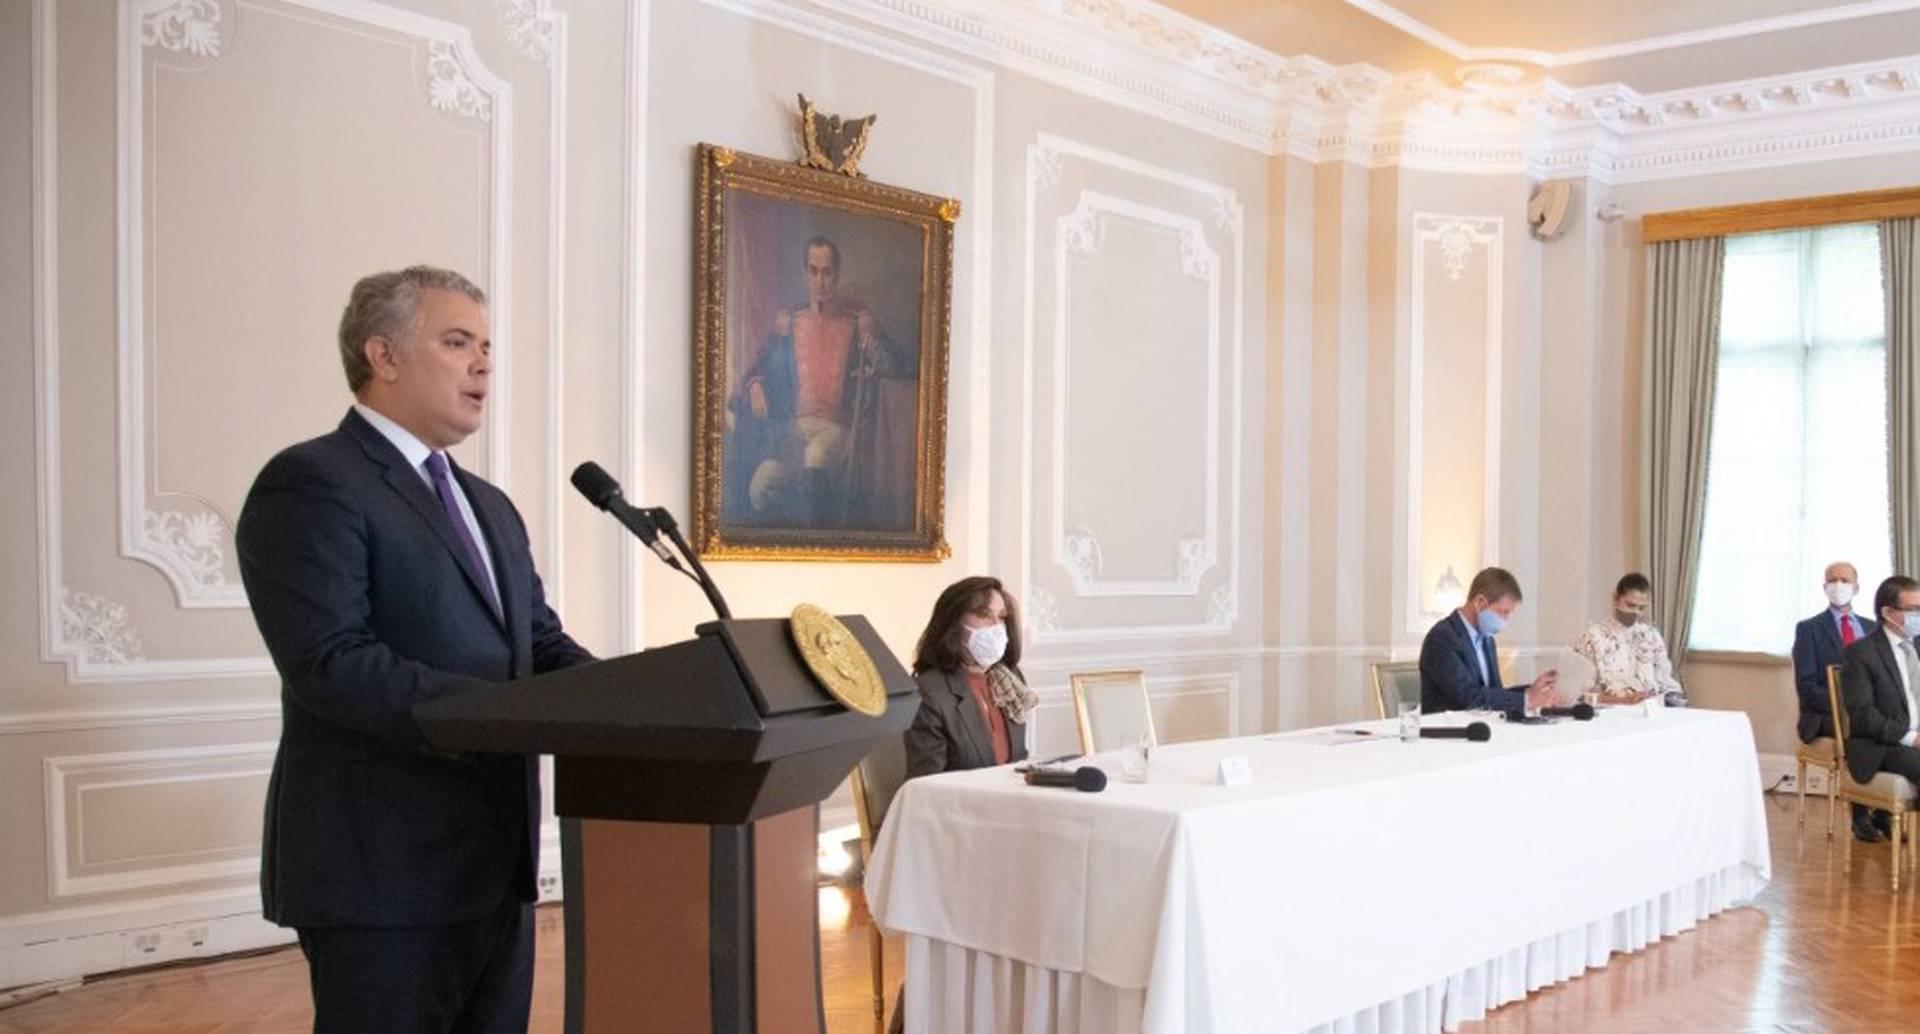 Iván Duque en el evento en el que expuso los logros de su política de Paz con Legalidad en la Casa de Nariño.